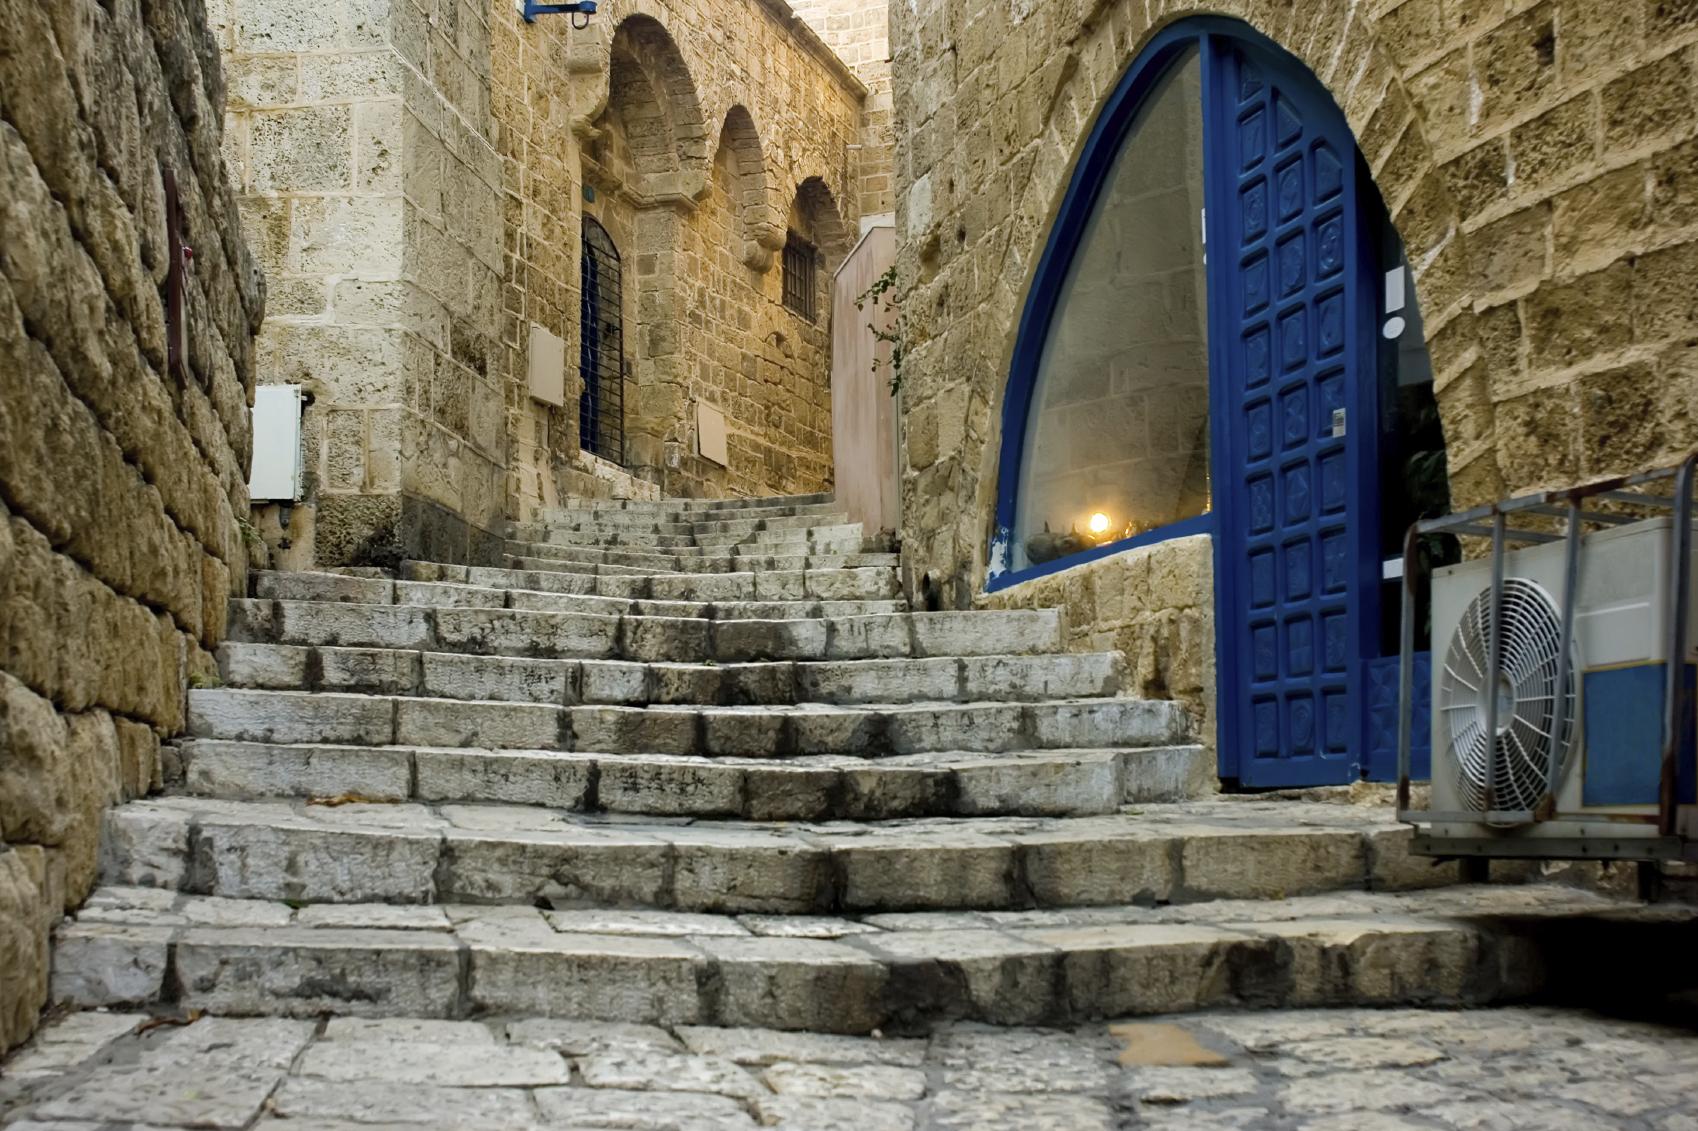 iStock-Jaffa-Joppa.jpg